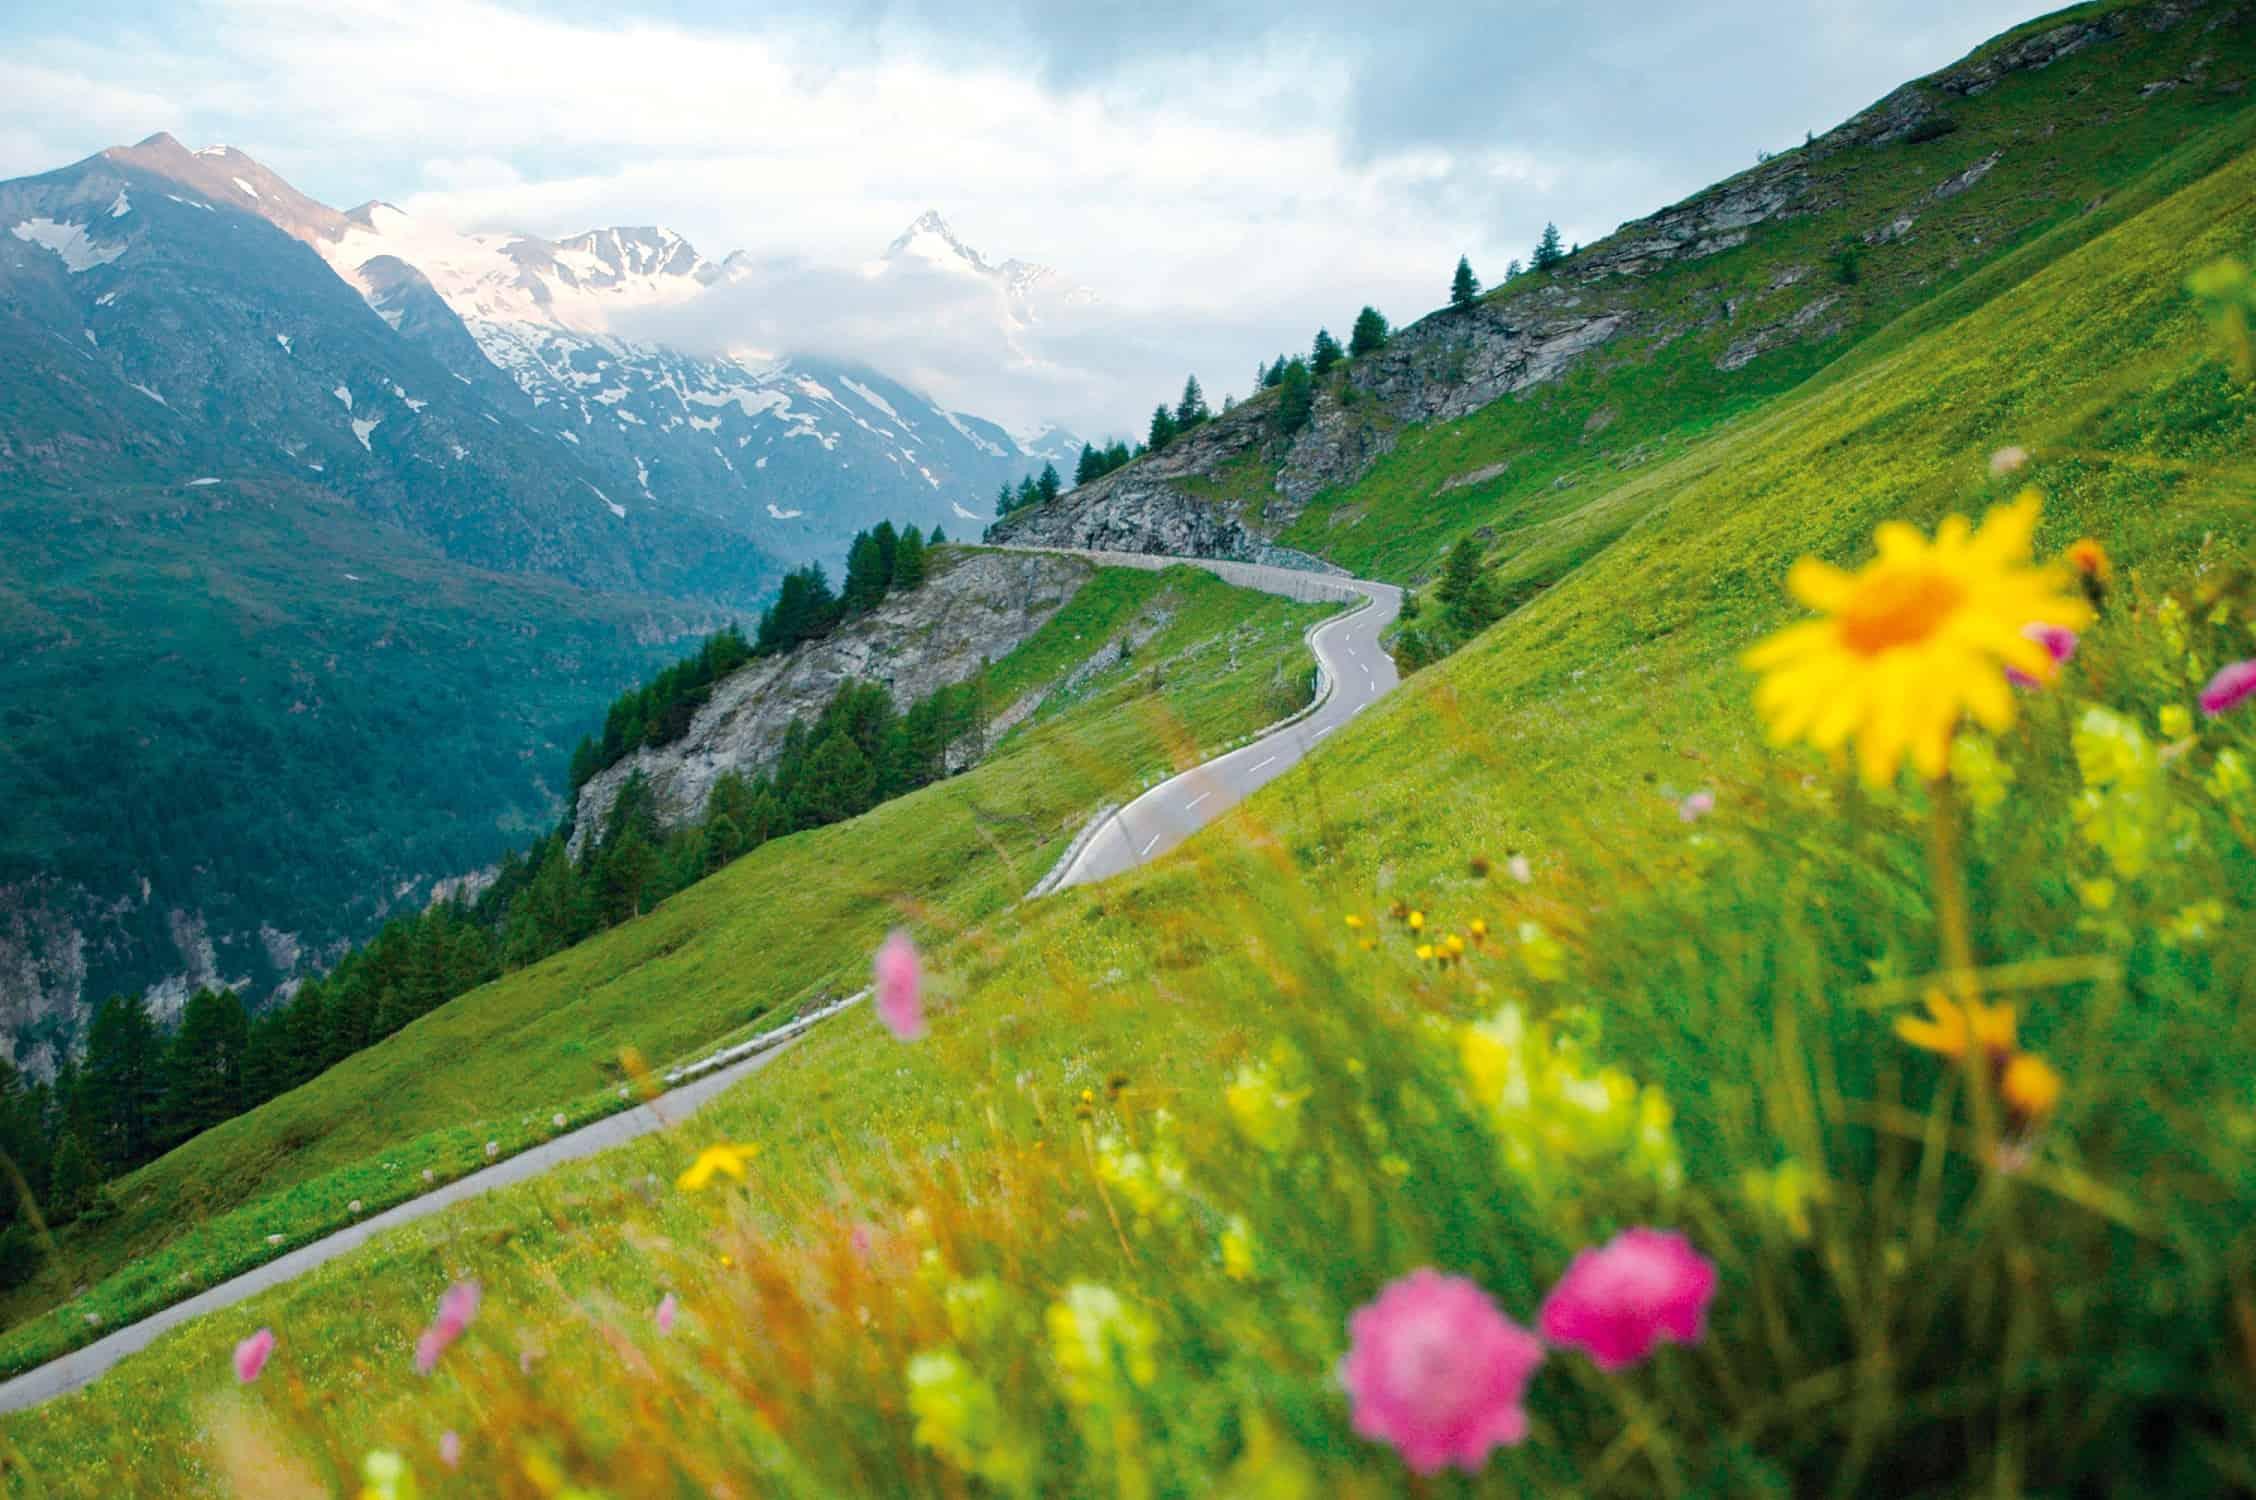 Die Großglockner Hochalpenstraße - eine der schönsten Panoramastraßen in Österreich und eines von Kärntens TOP-10 Ausflugszielen